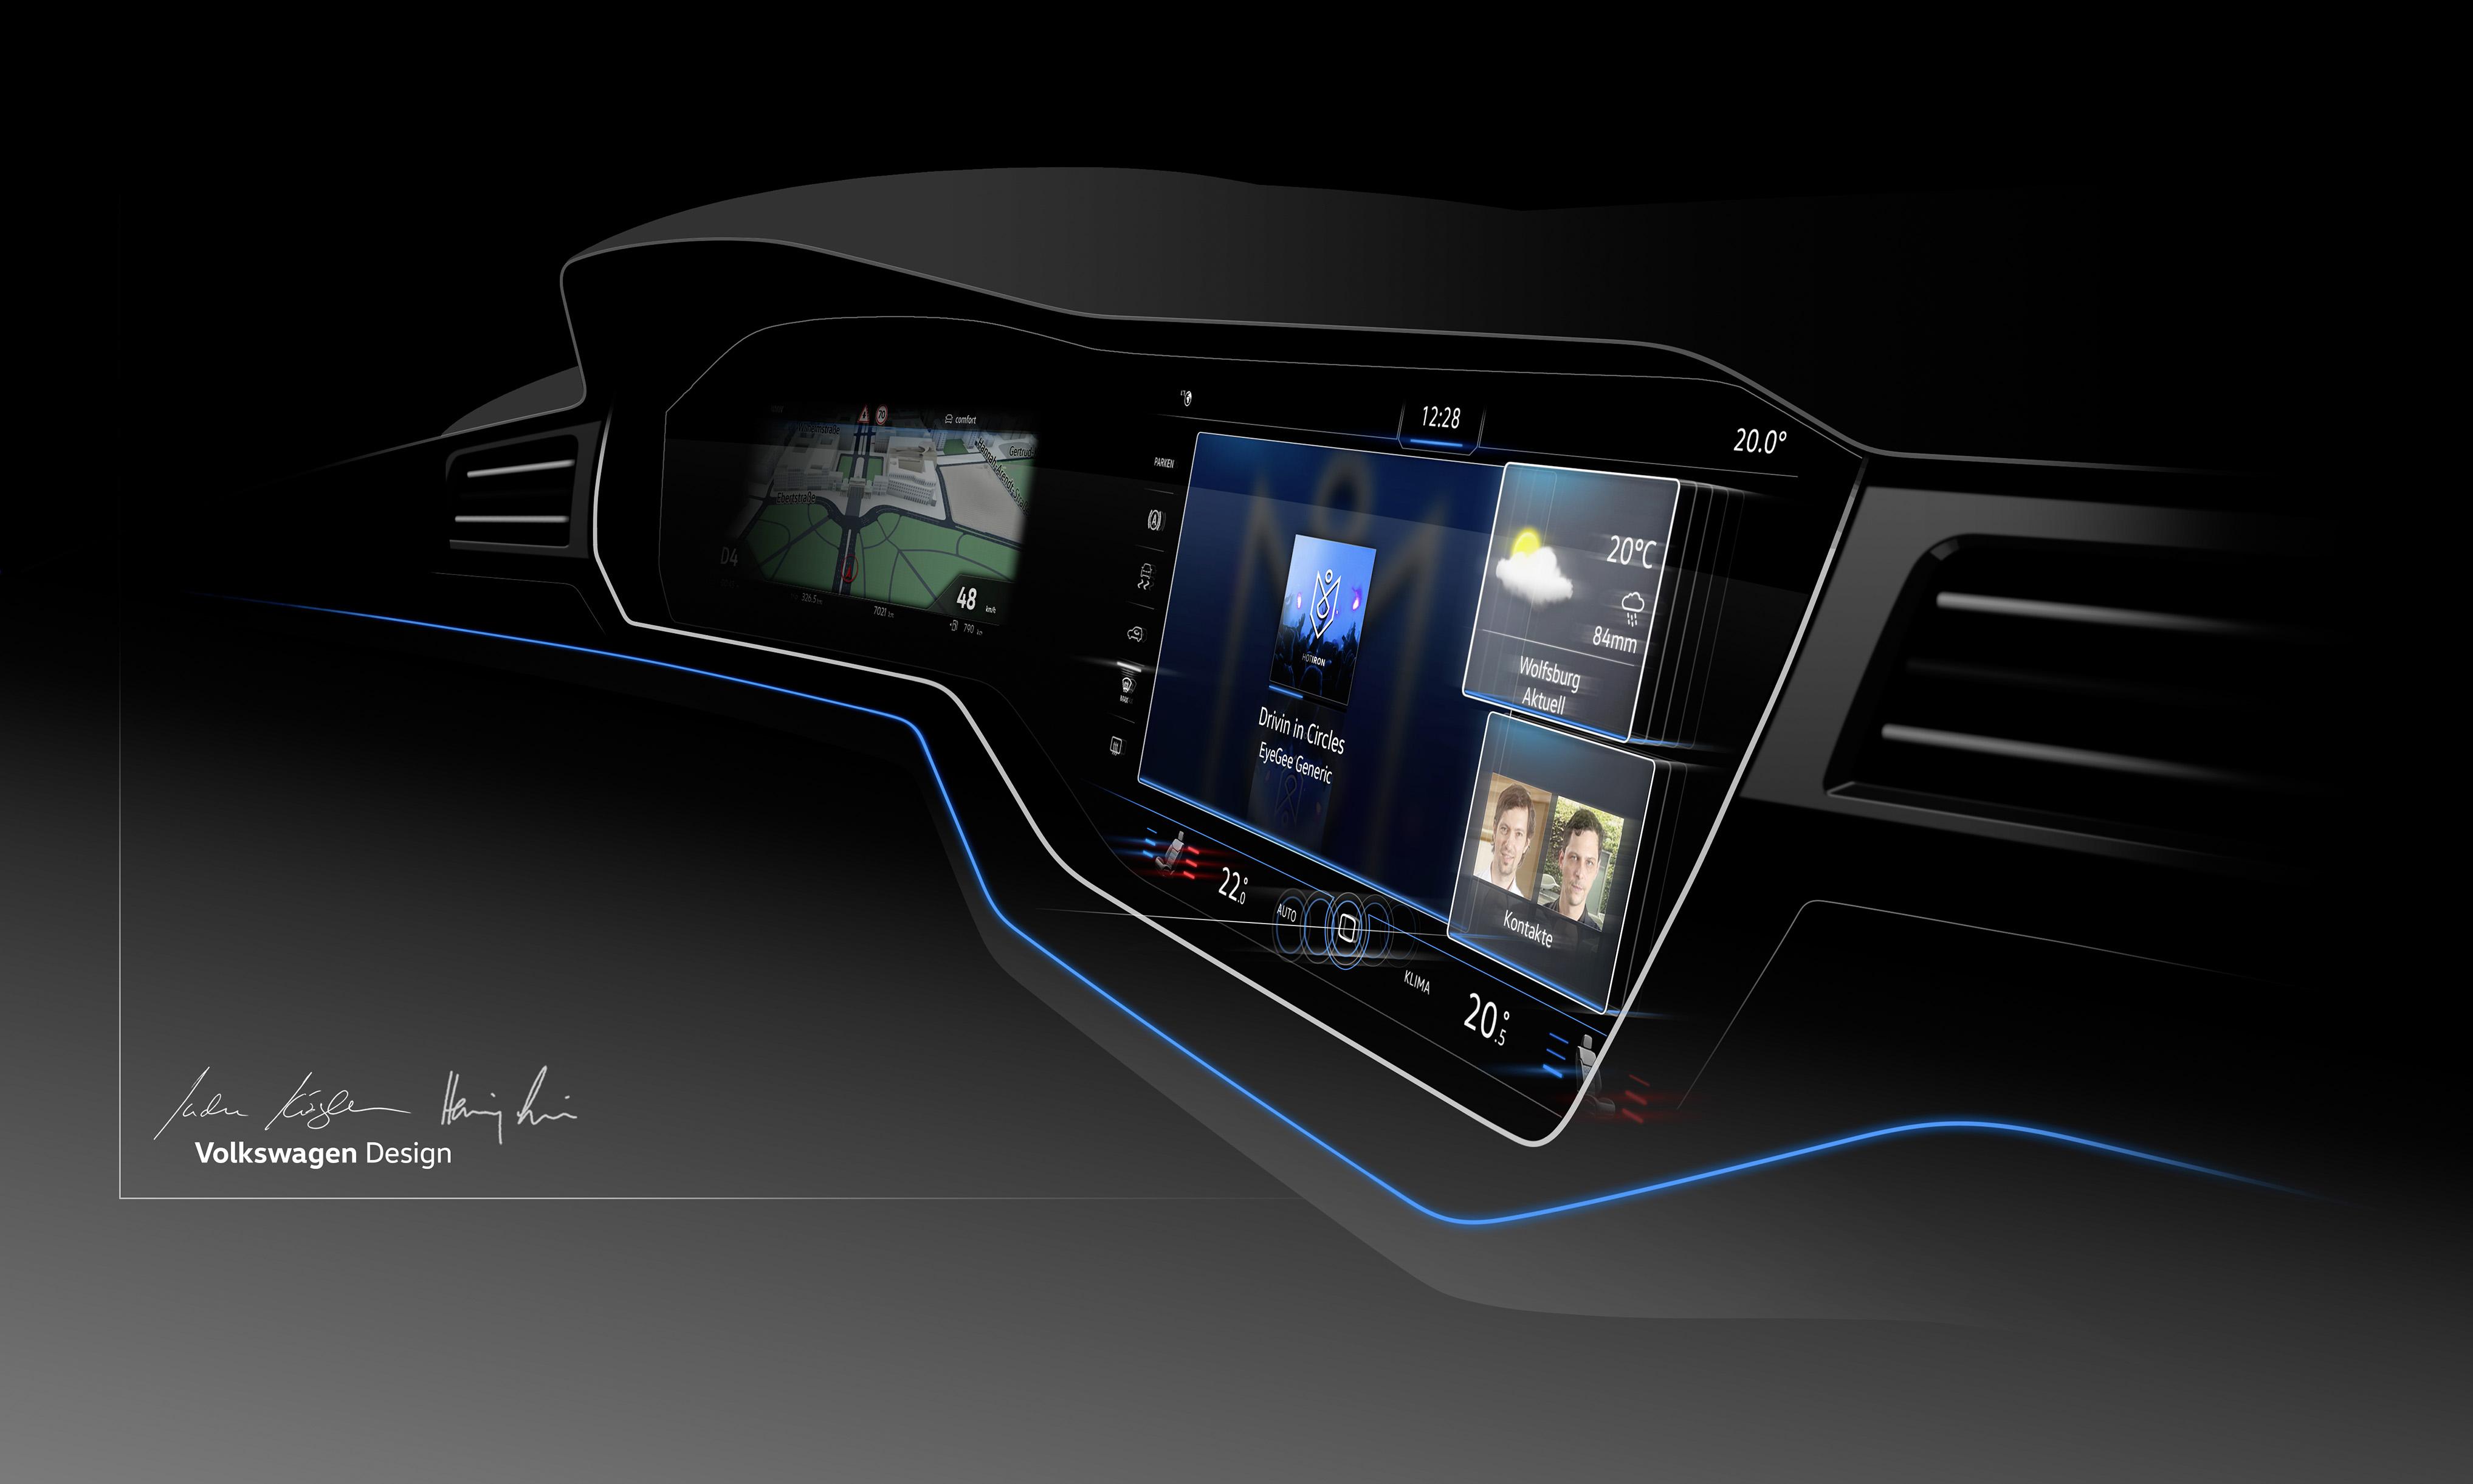 汽车驰骋于征途:在驾驶舱内,智能系统的数字化大屏幕上集成了各种神秘